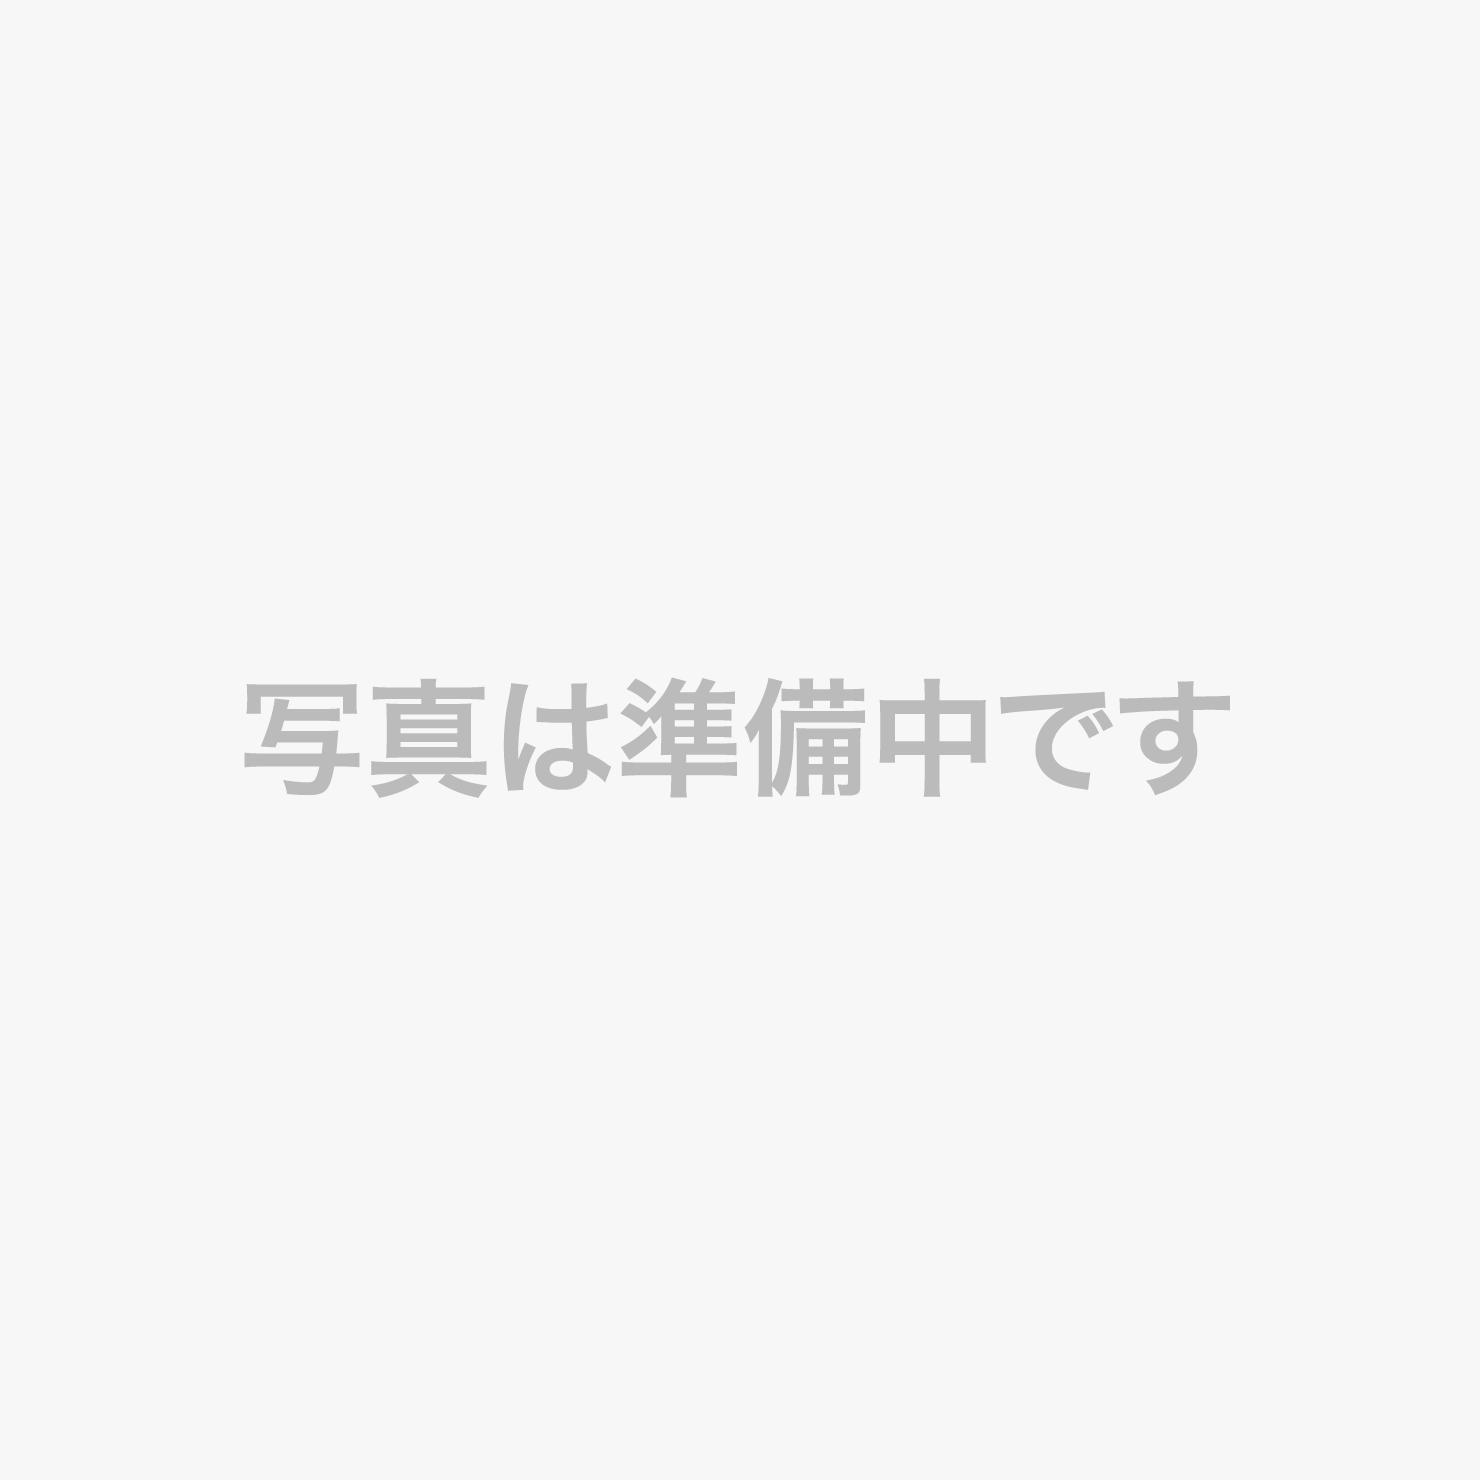 ご当地グルメ!【海鮮鍋焼きうどん御膳】(12月~1月)